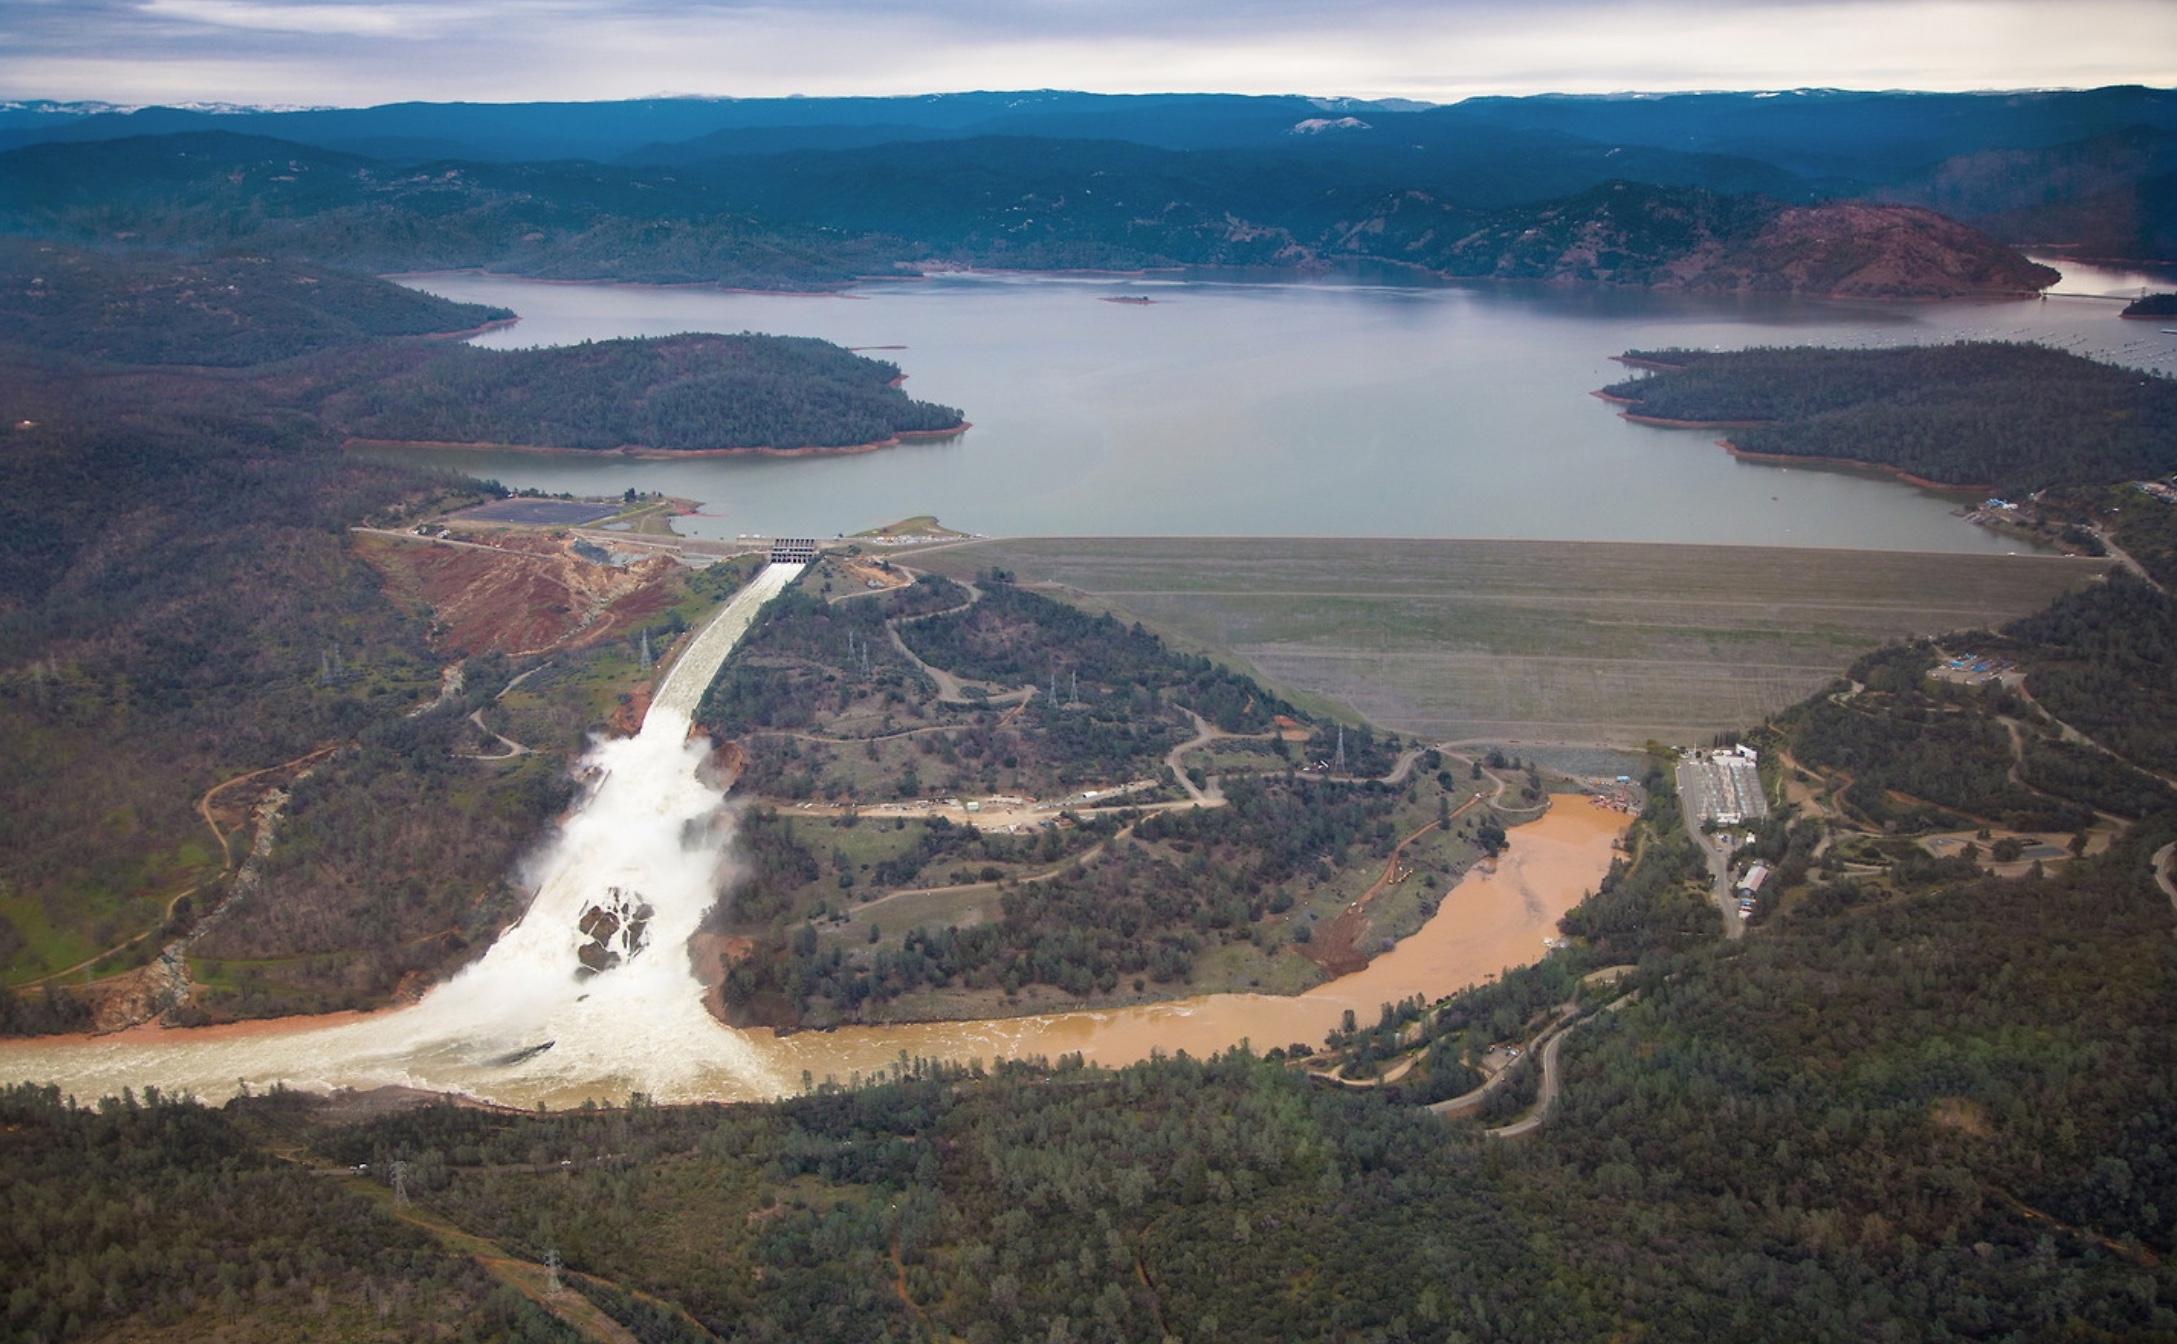 Le barrage à droite, l'évacuateur endommagé au centre et l'évacuateur d'urgence à gauche